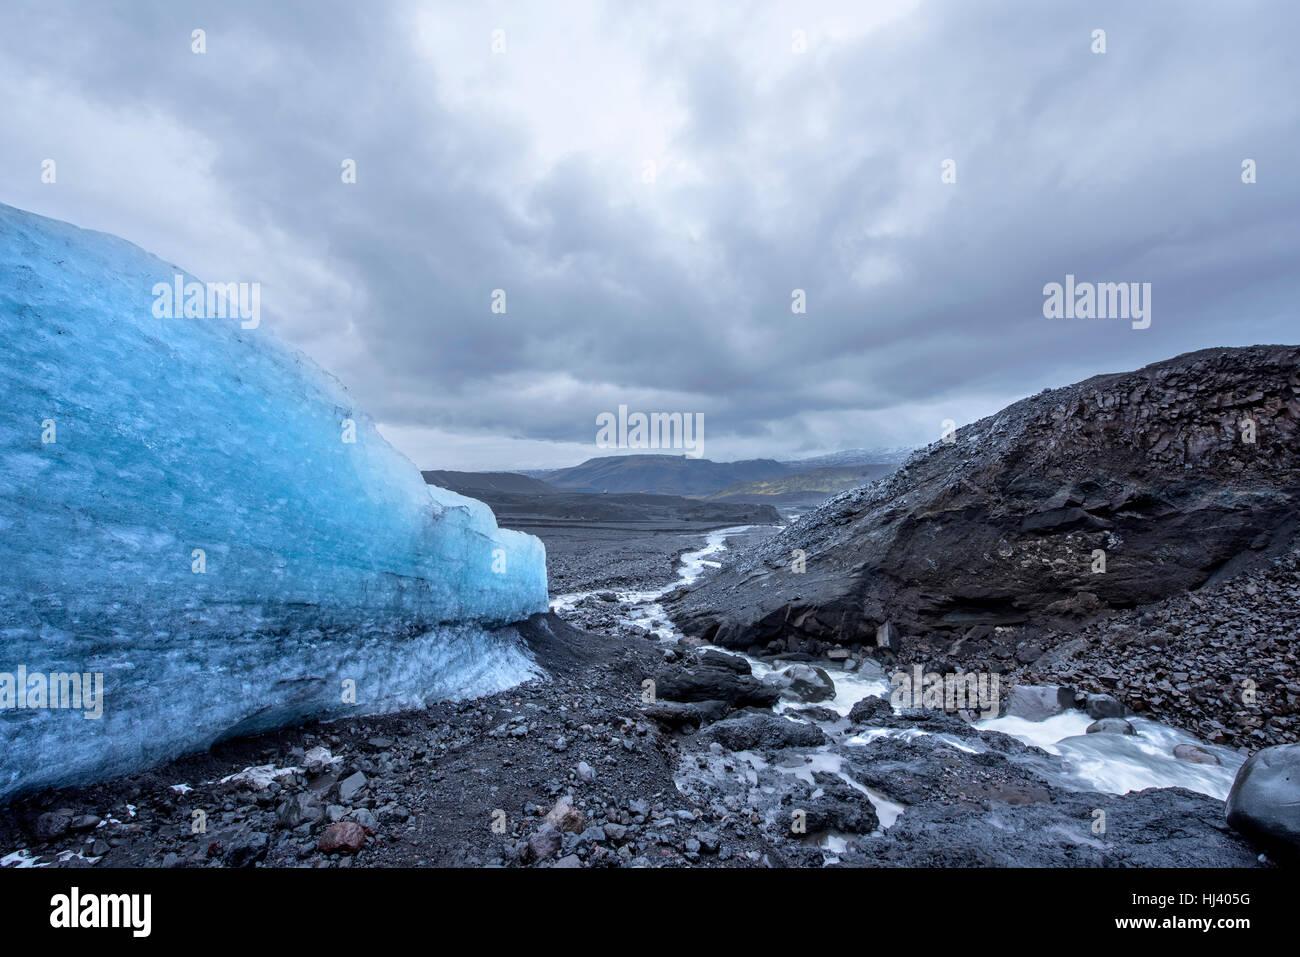 Le côté d'un glacier de fusion dans un boîtier Islande désert forme un petit cours d'eau Photo Stock